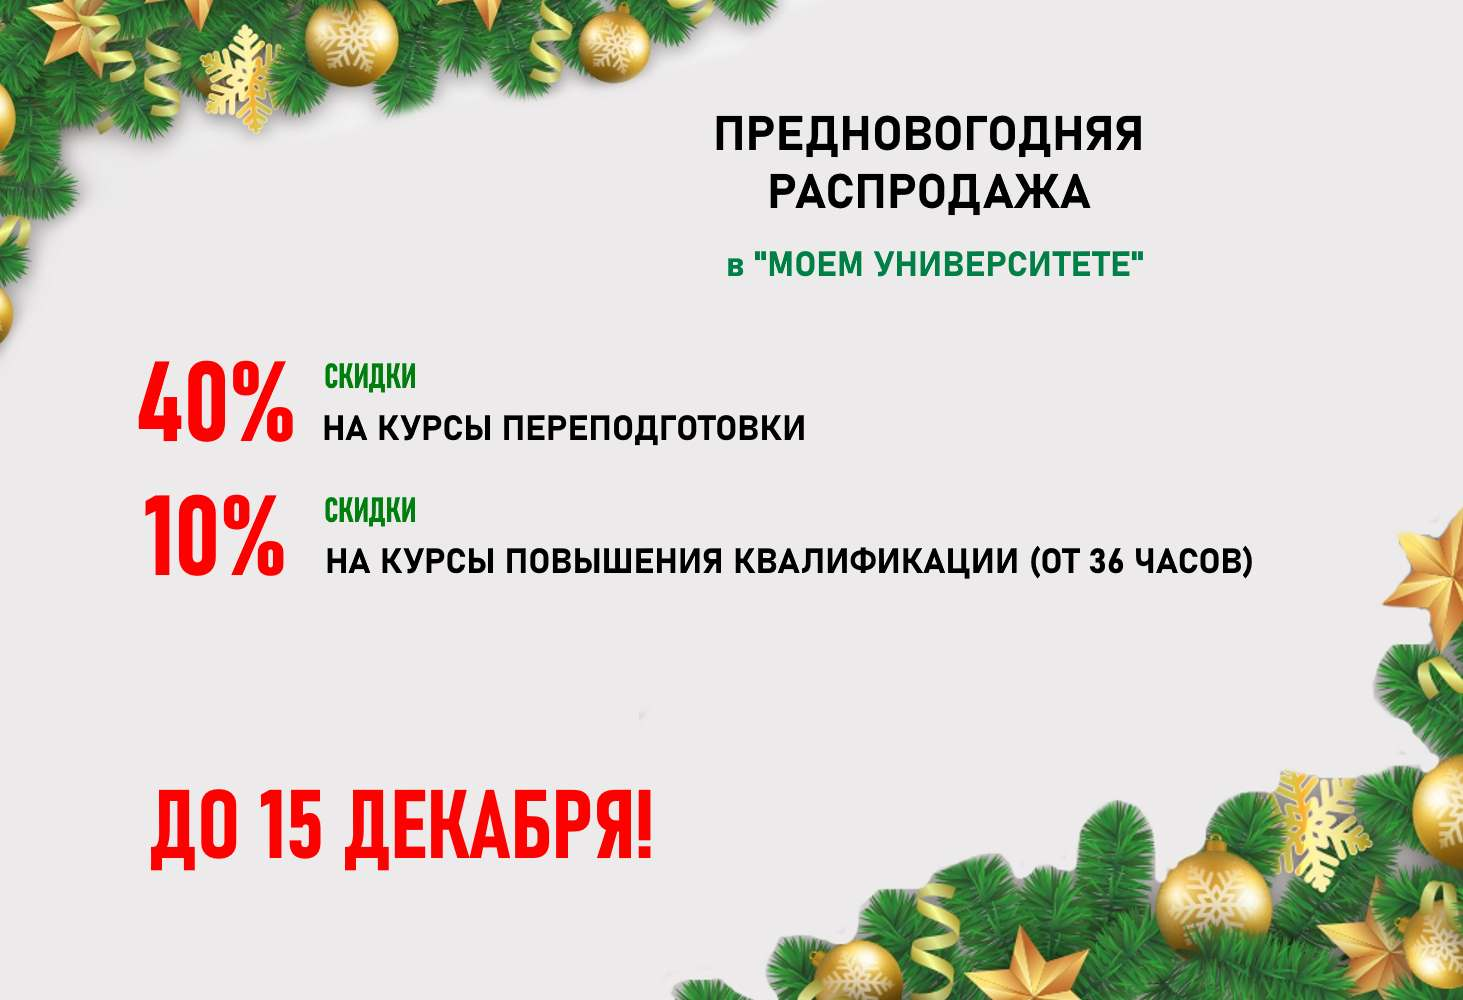 prednovogodnyaya-rasprodazha-dlya-pedagogov-v-moem-universitete-zavershitsya-cherez-3-dnya